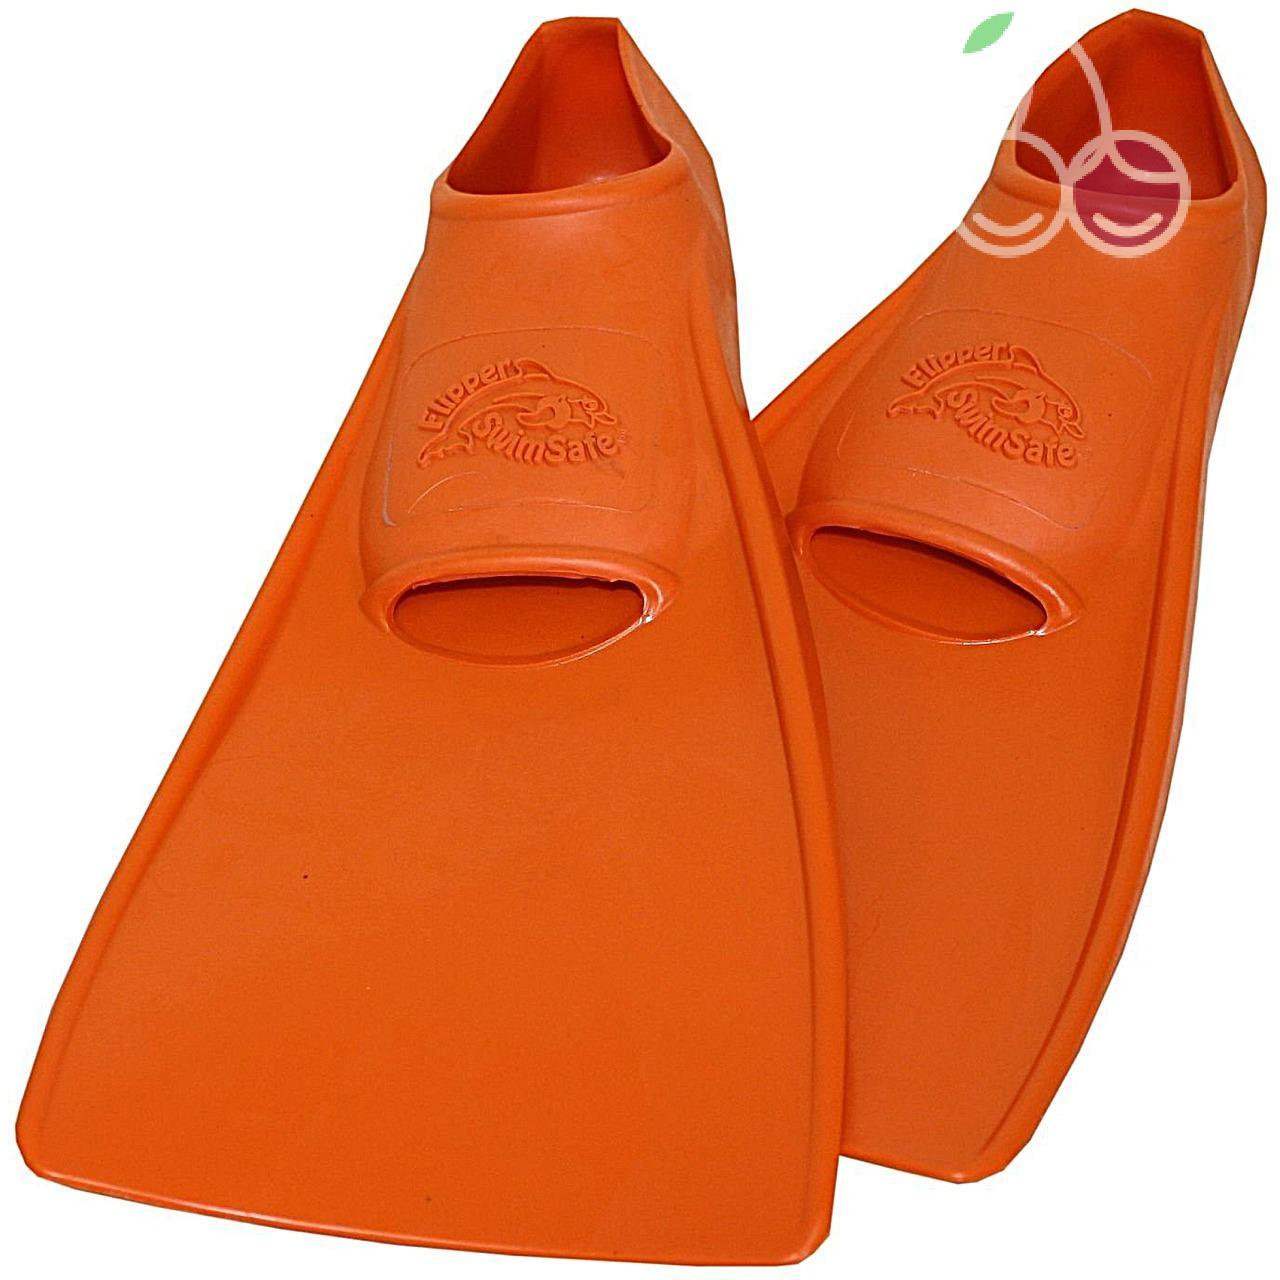 Ласты детские эластичные маленький размер 24 оранжевые закрытая пятка SwimSafe (Свимсейф) Германия, - фото 1